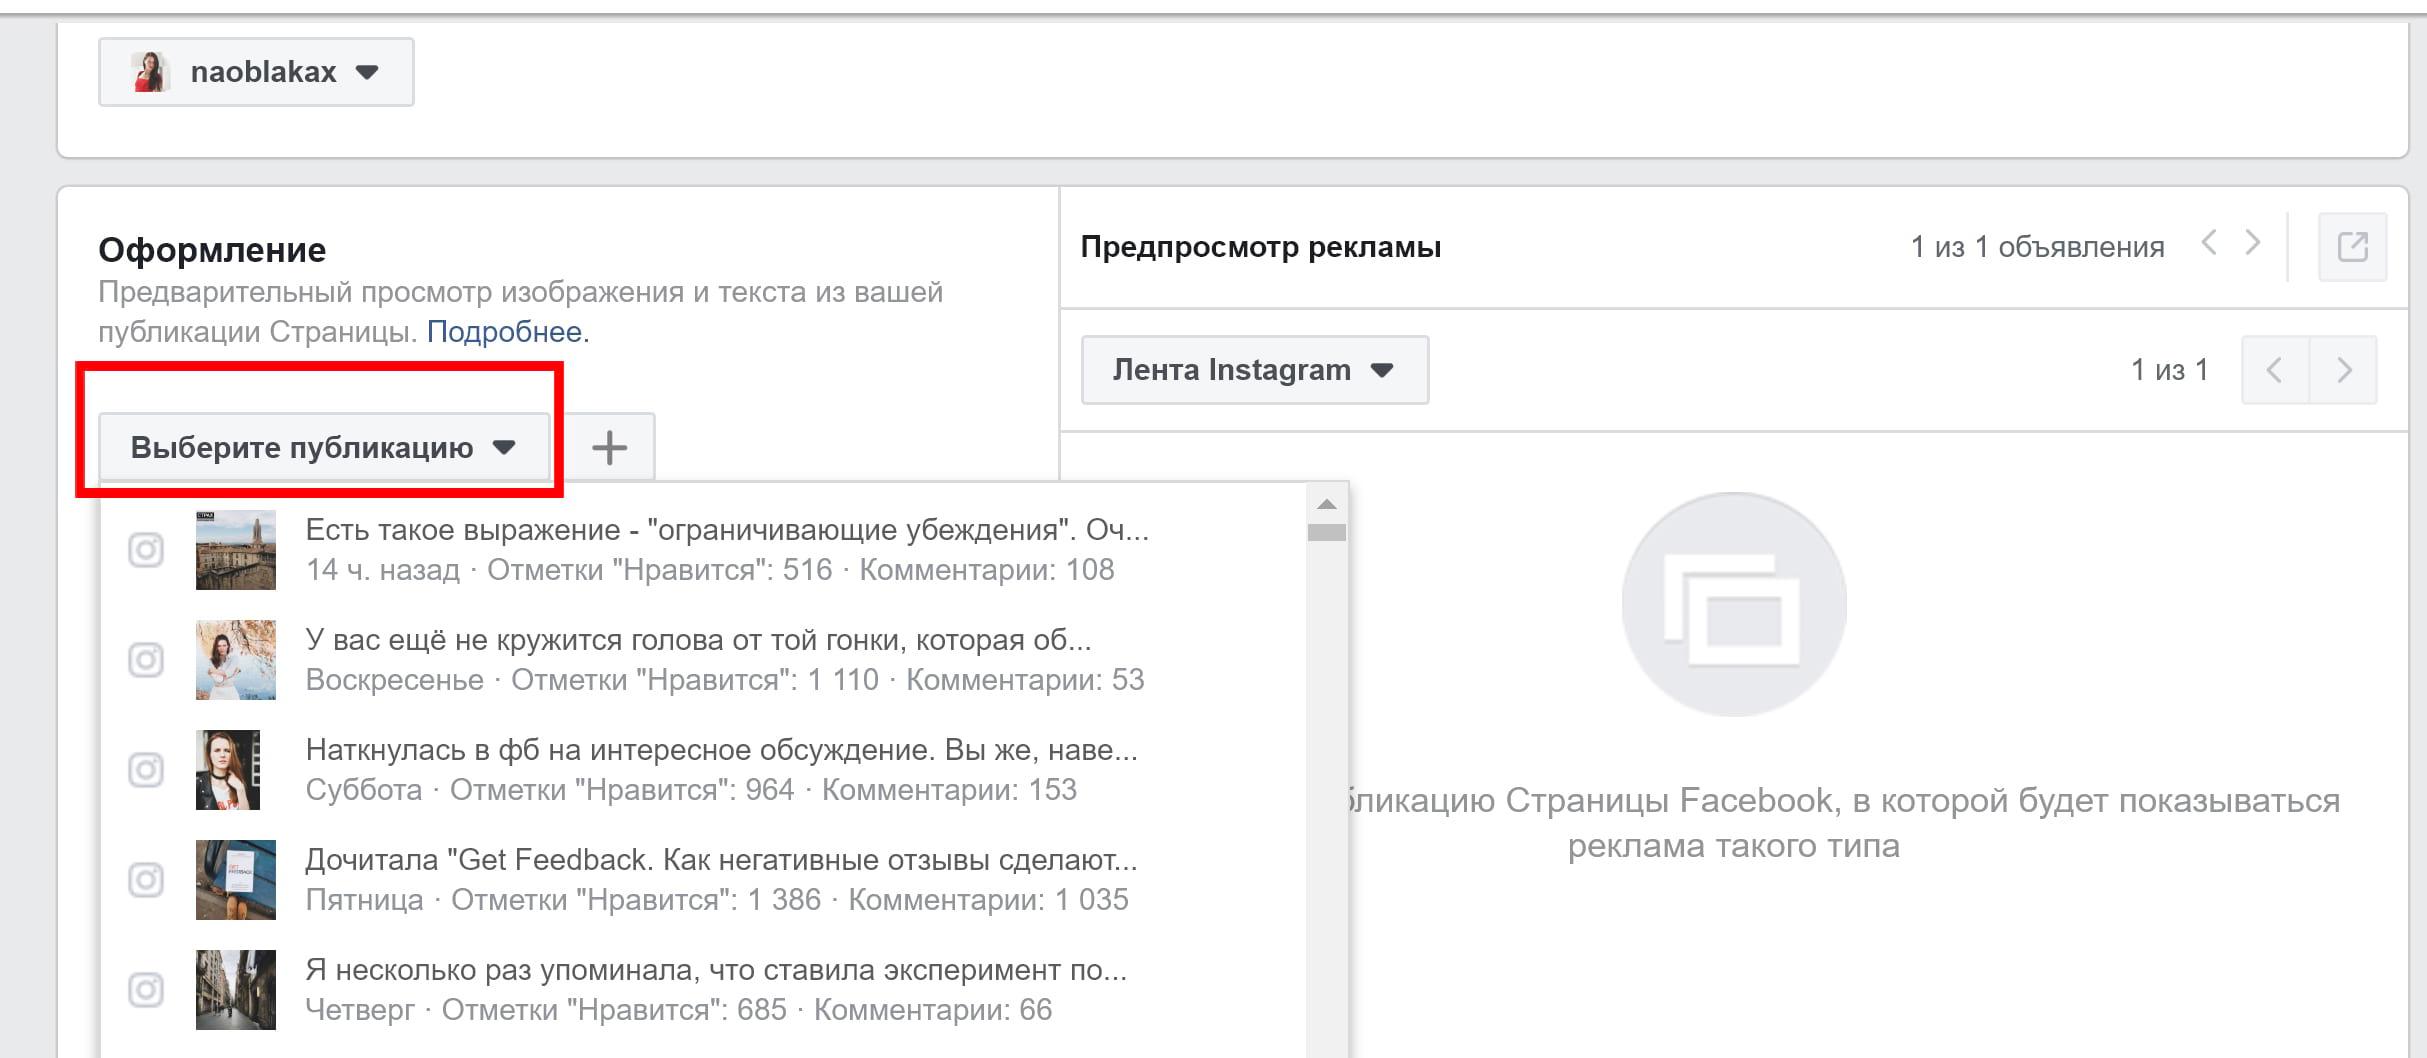 Как запустить рекламу на пост в инстаграм-аккаунте